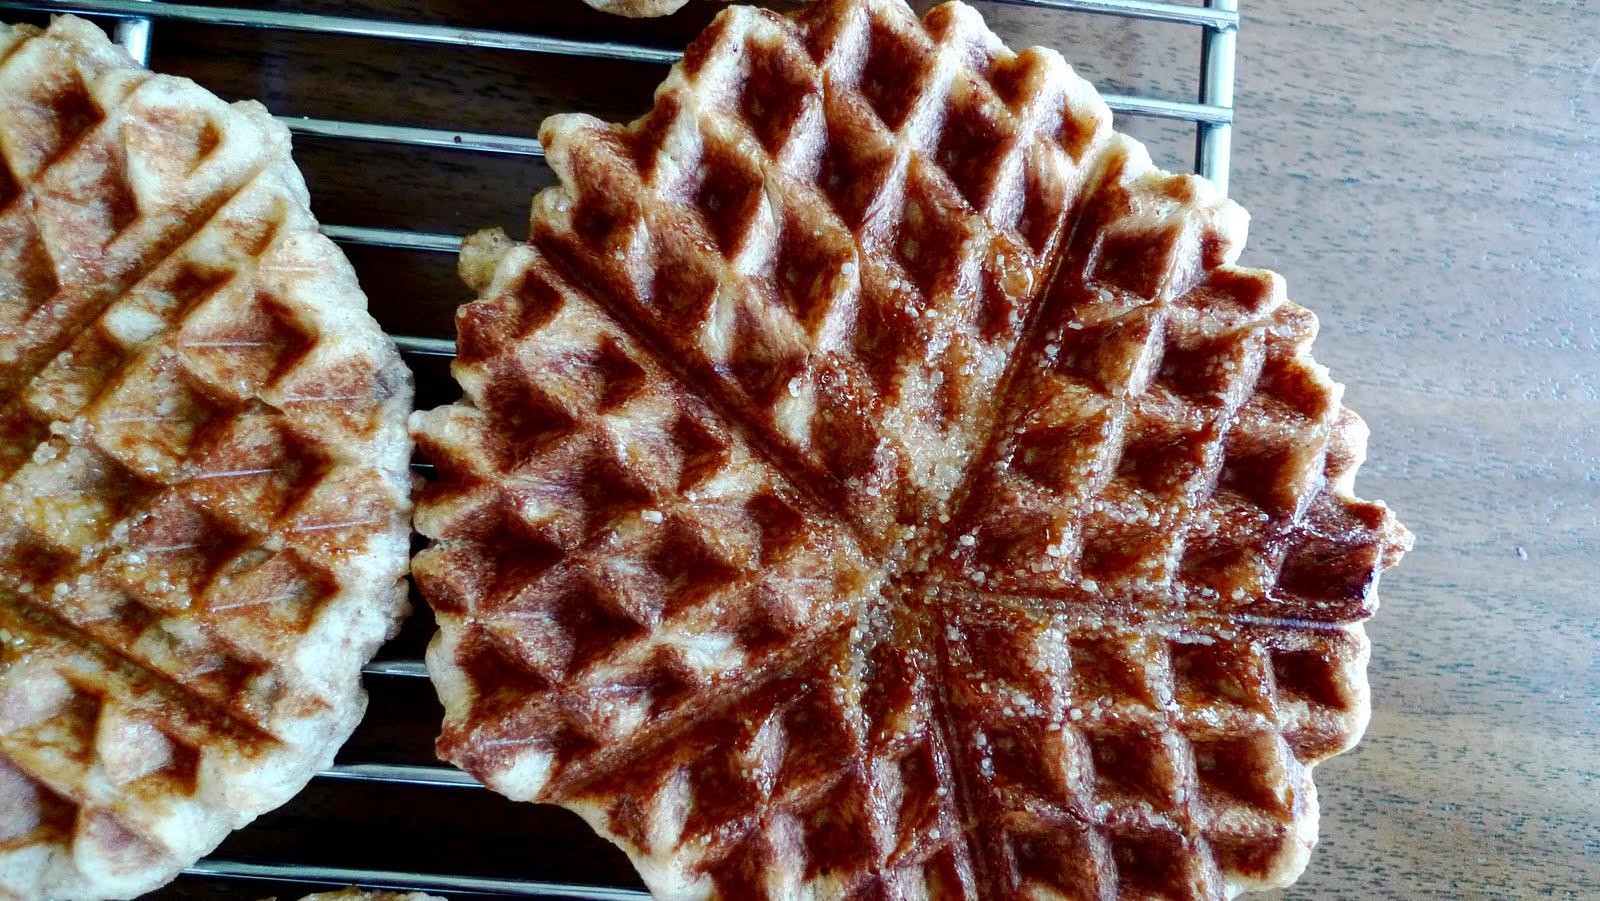 Bon Appétempt: Gaufres de Liege (Belgian Sugar Waffles)